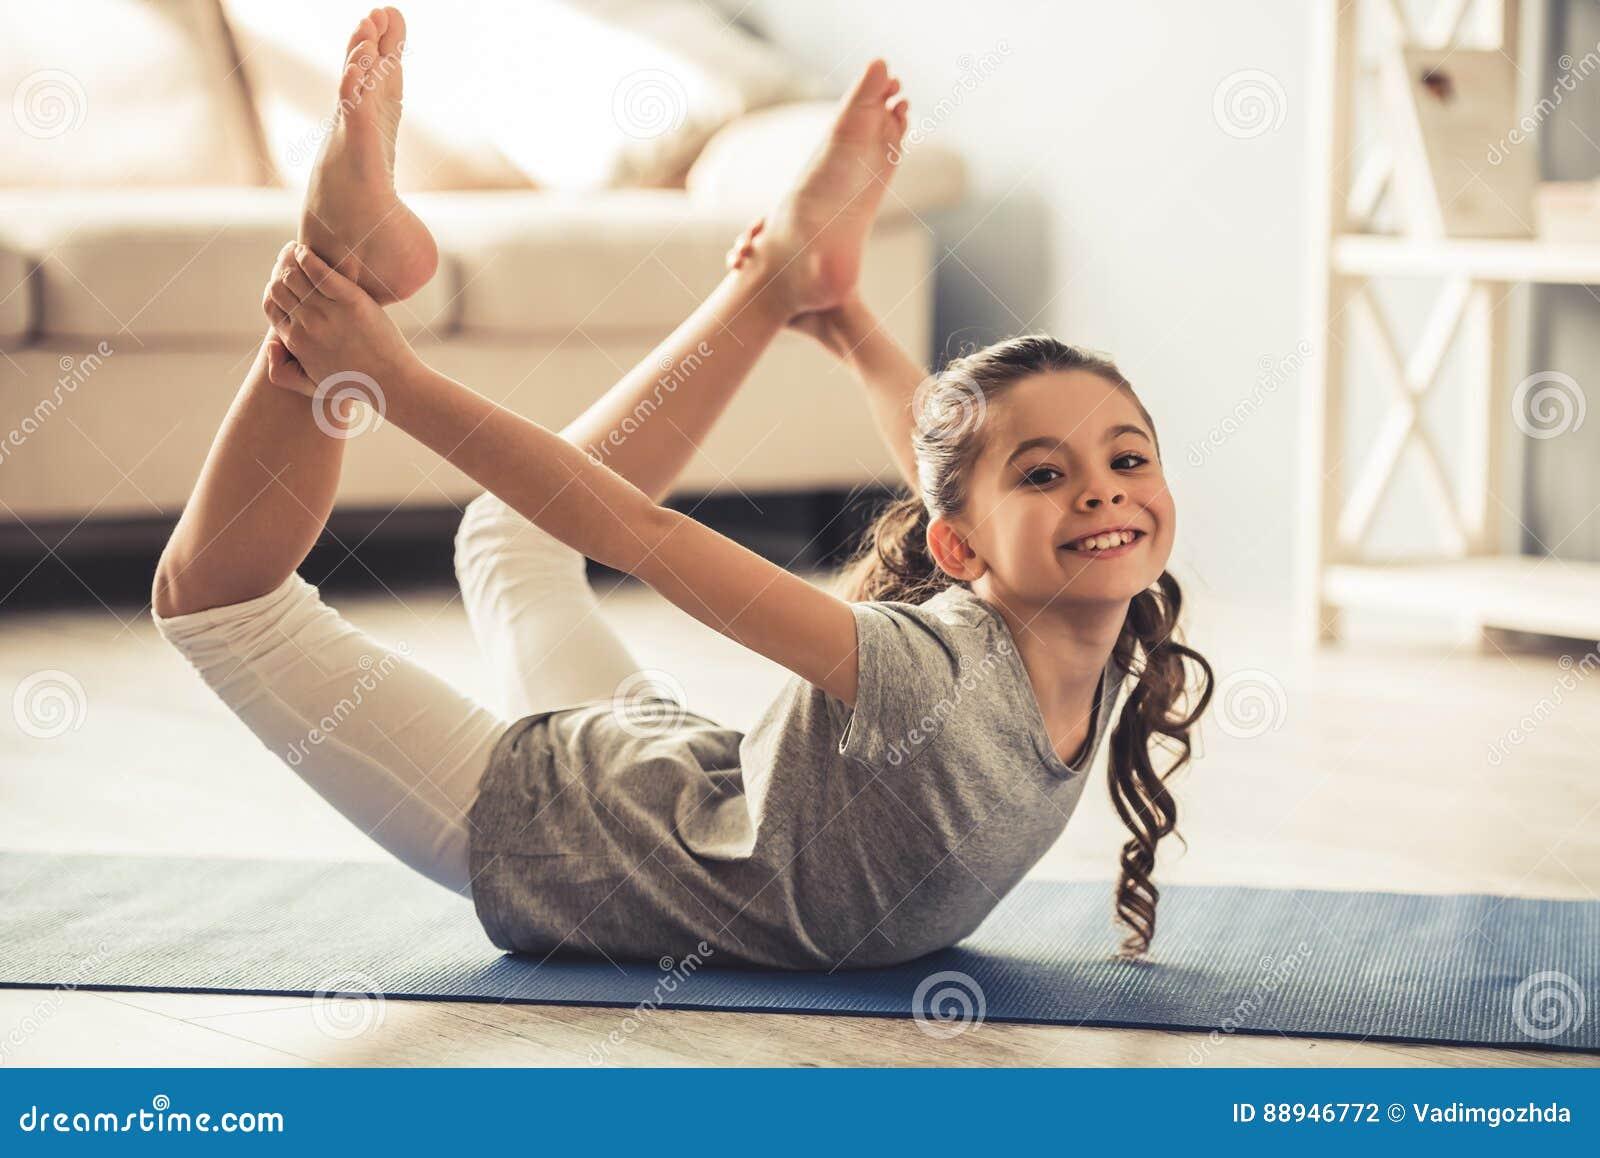 Bambina Che Fa Gli Esercizi Di Yoga Immagine Stock